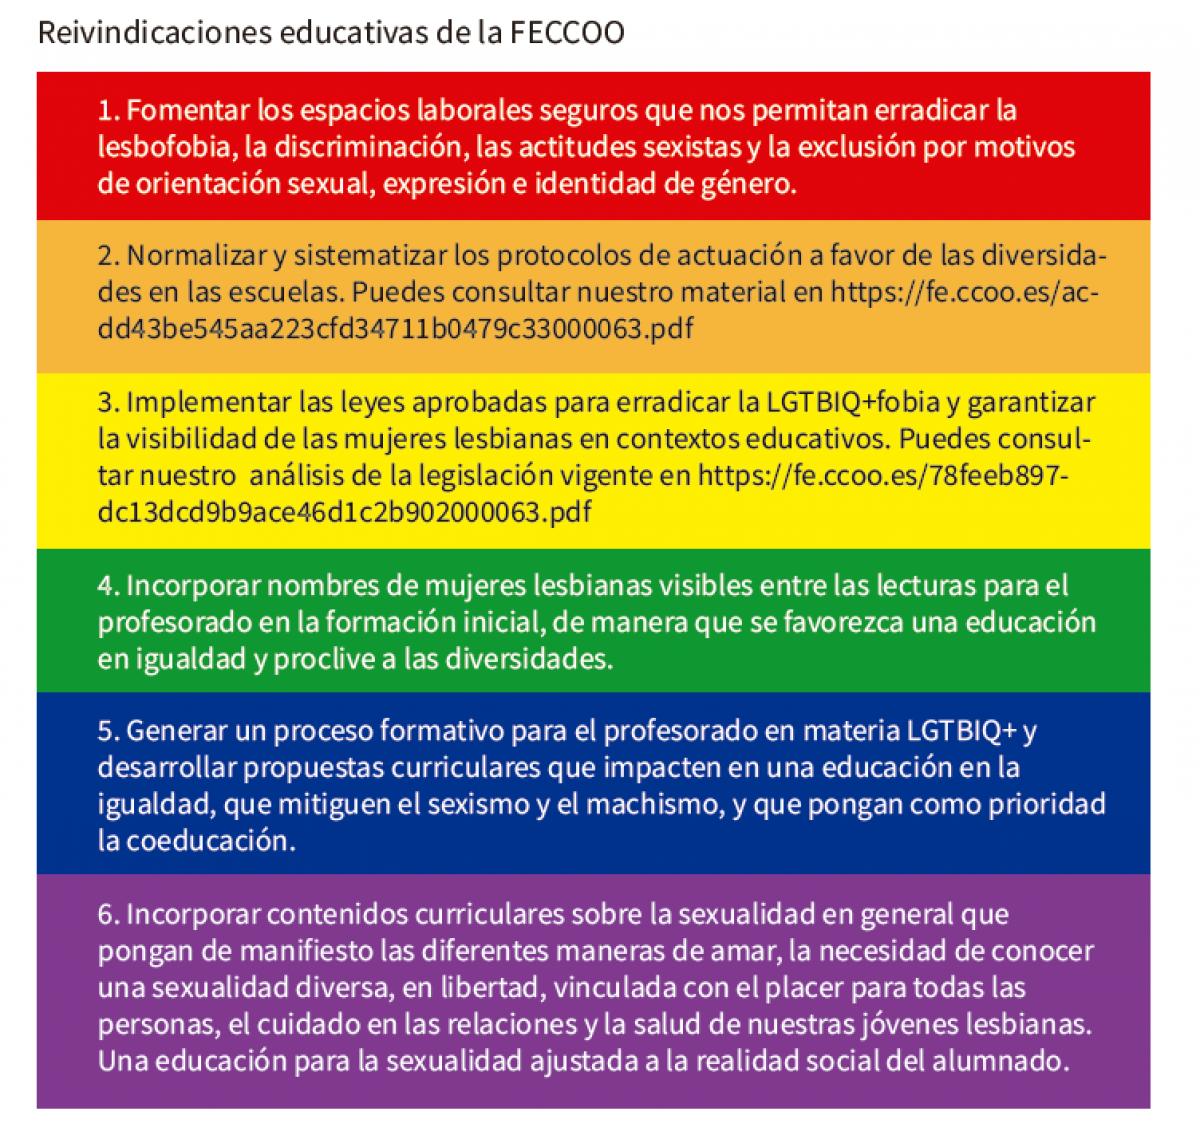 Reivindicaciones educativas de la FECCOO